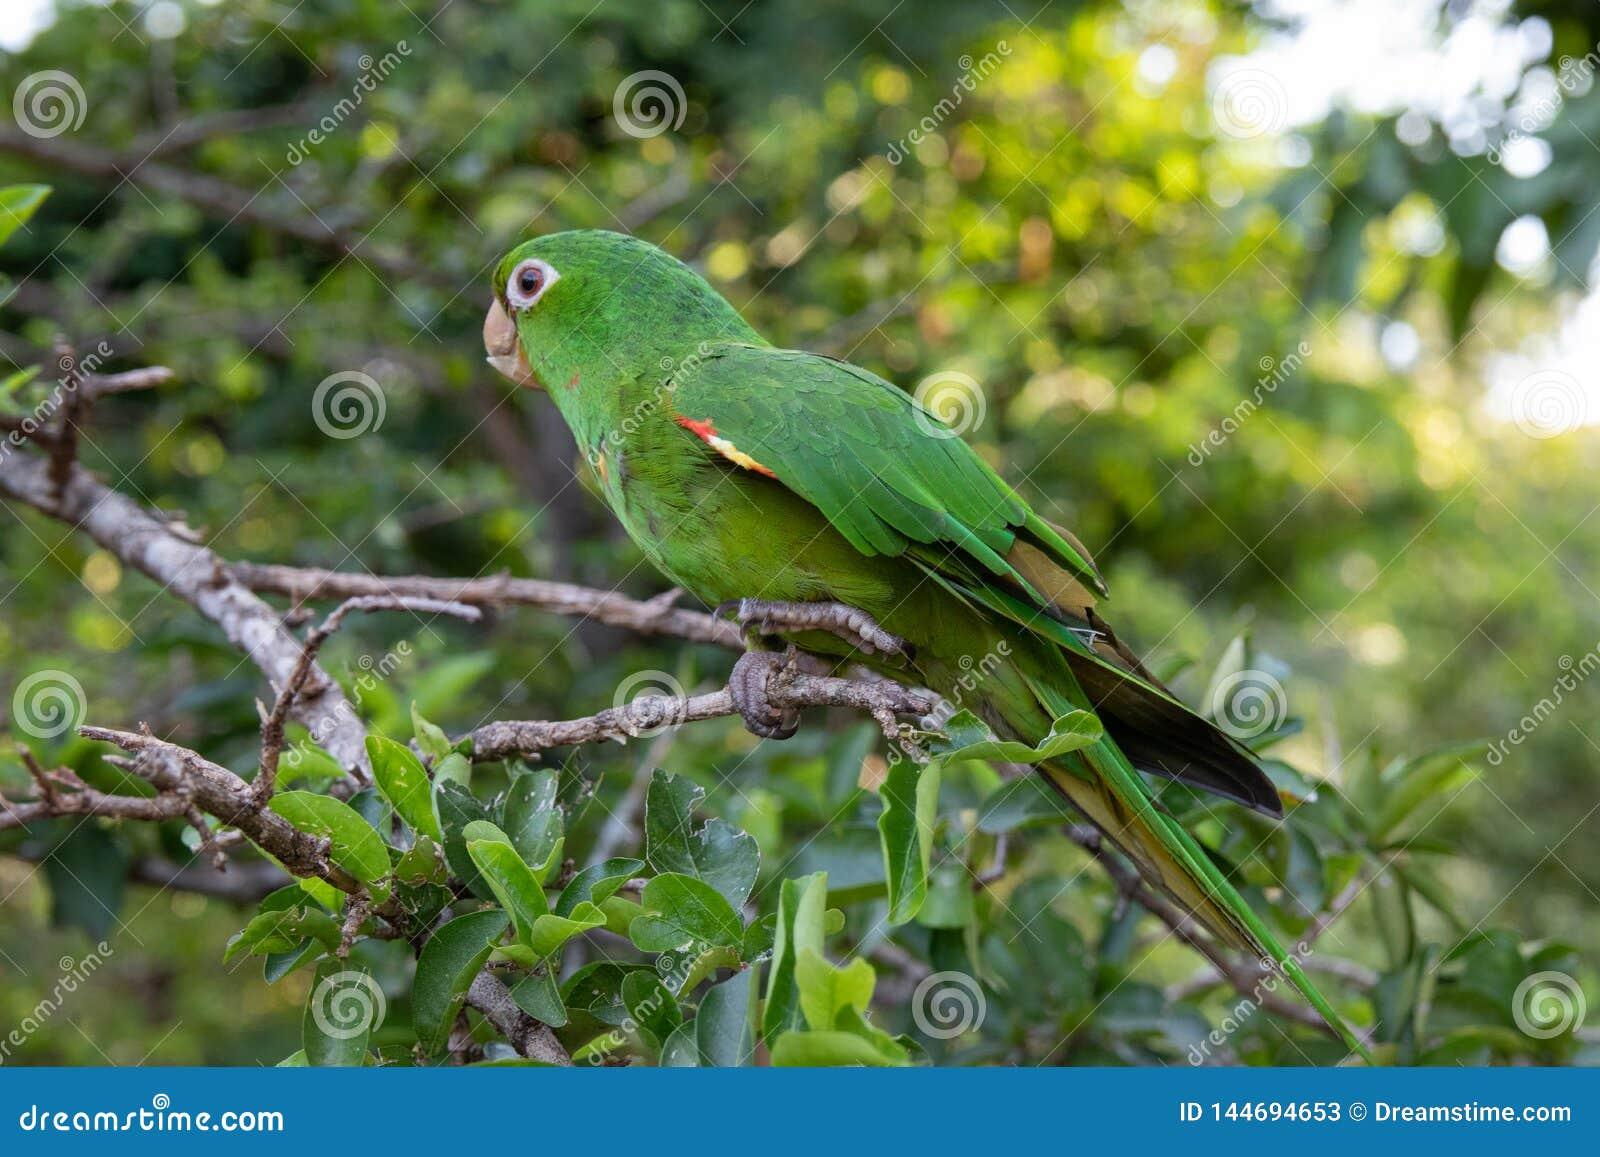 Papagaio verde com os olhos claros na limeira